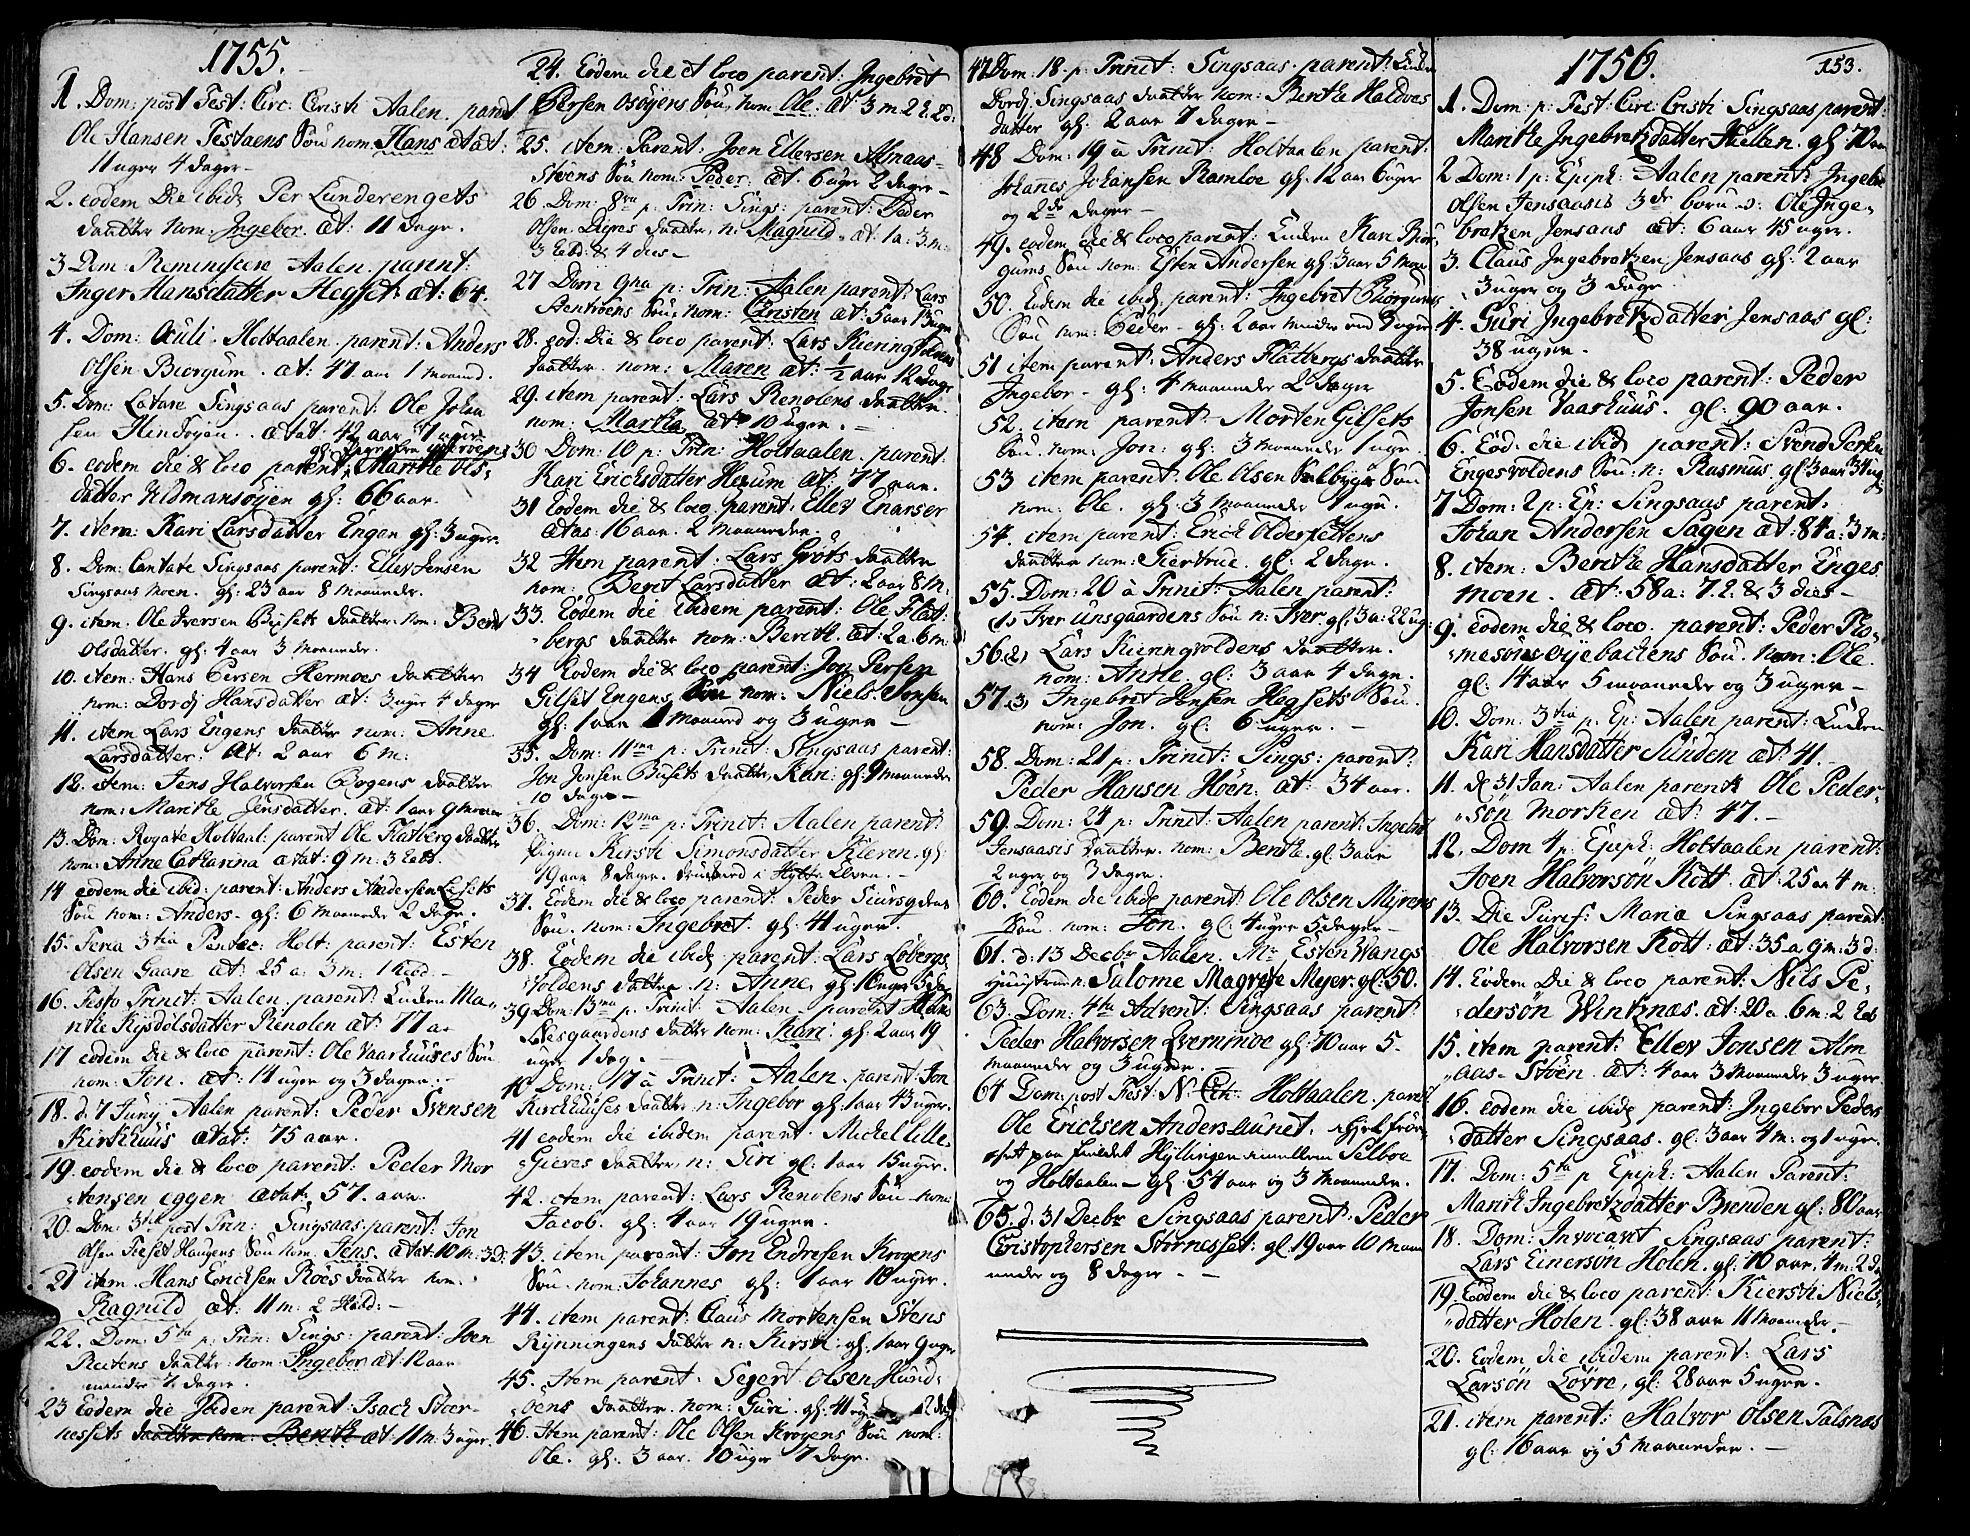 SAT, Ministerialprotokoller, klokkerbøker og fødselsregistre - Sør-Trøndelag, 685/L0952: Ministerialbok nr. 685A01, 1745-1804, s. 153